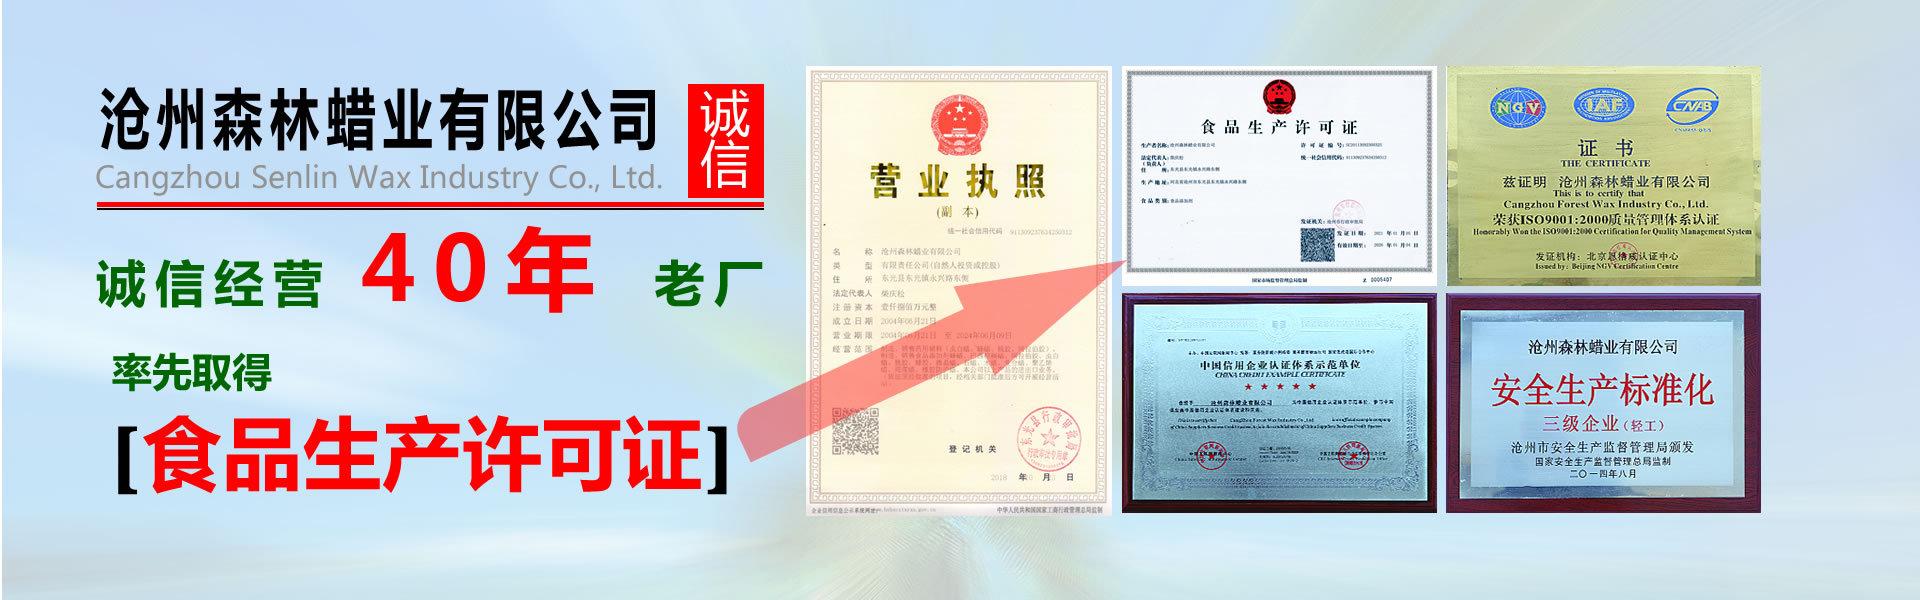 沧州森林蜡业公司荣誉证书